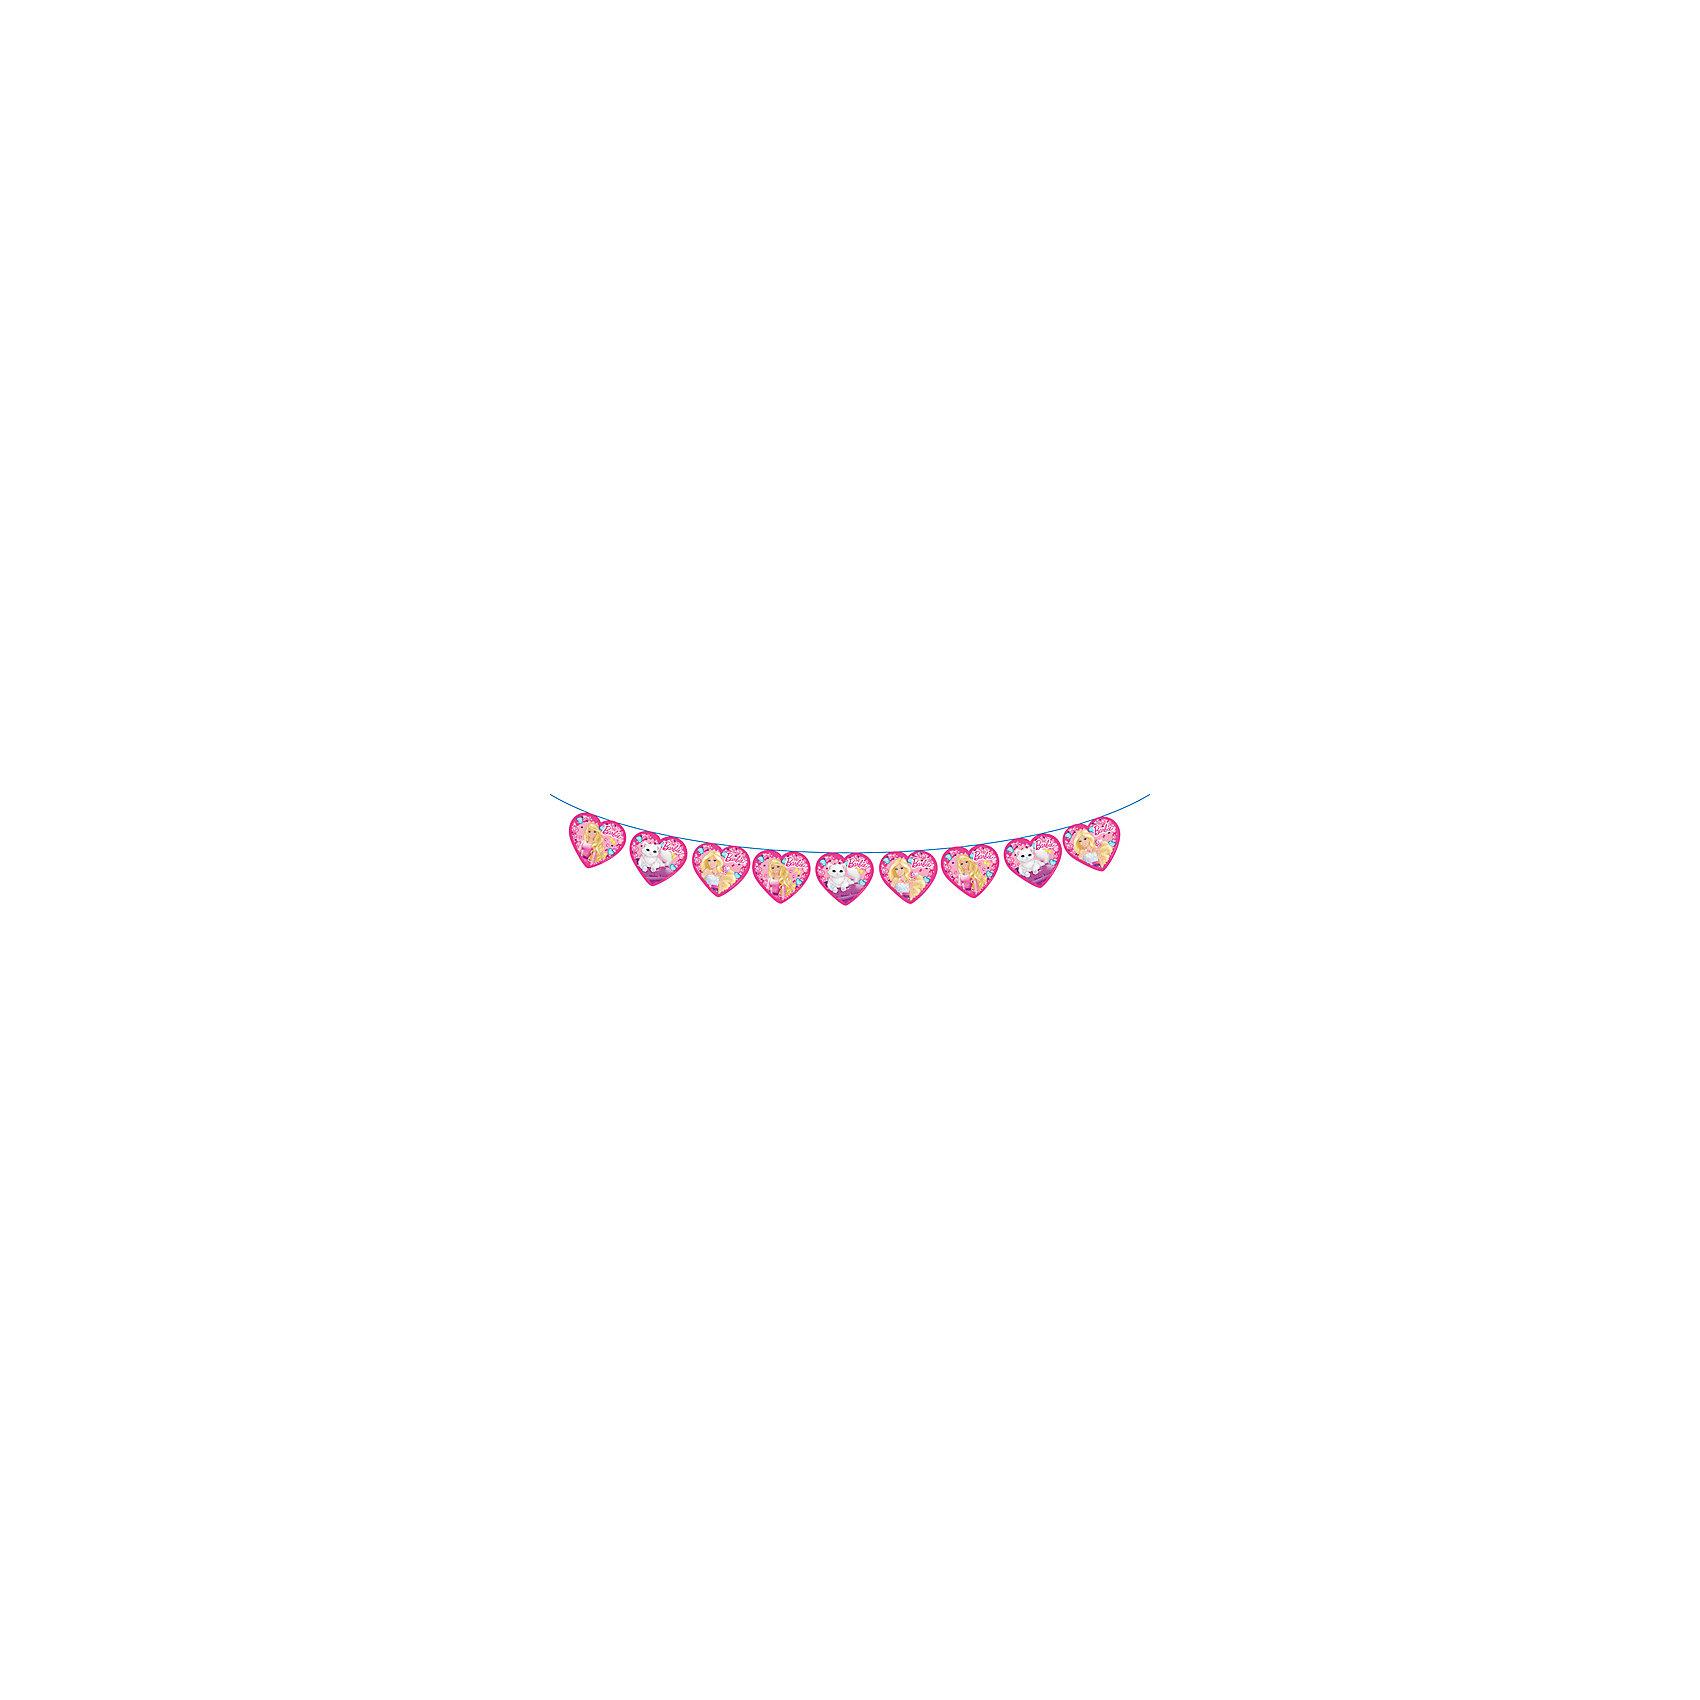 Росмэн Гирлянда-флажки Barbie 3 м росмэн гирлянда c днем рождения 2 3 м миньоны